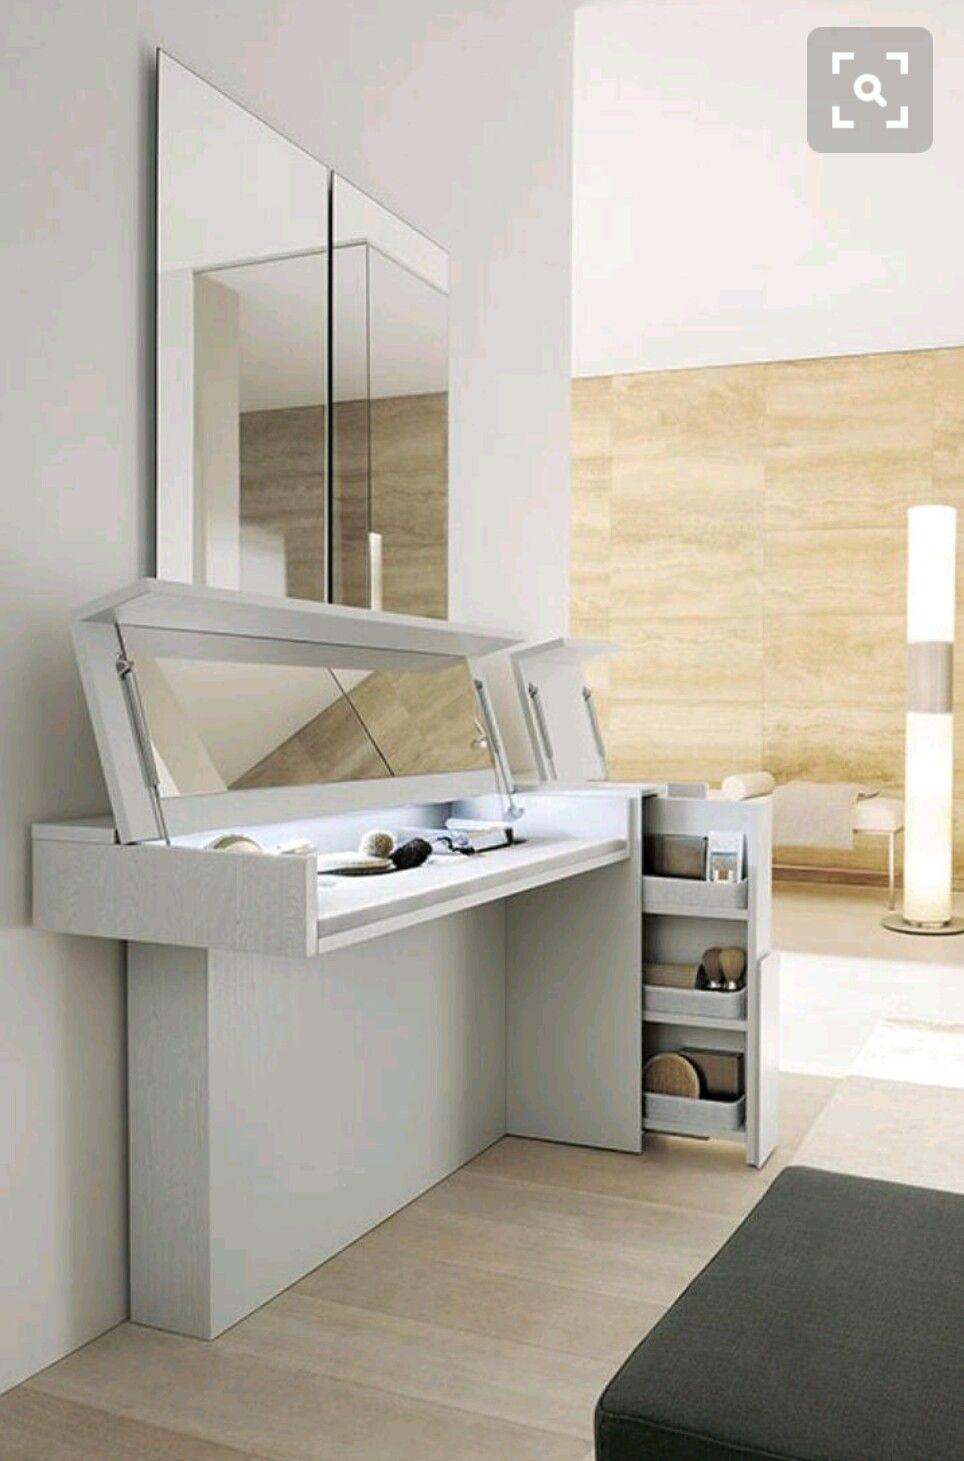 Pin Von Eddy Zainal Auf House Interior Decor Ideas Schminktisch Modern Schminktisch Ideen Frisiertisch